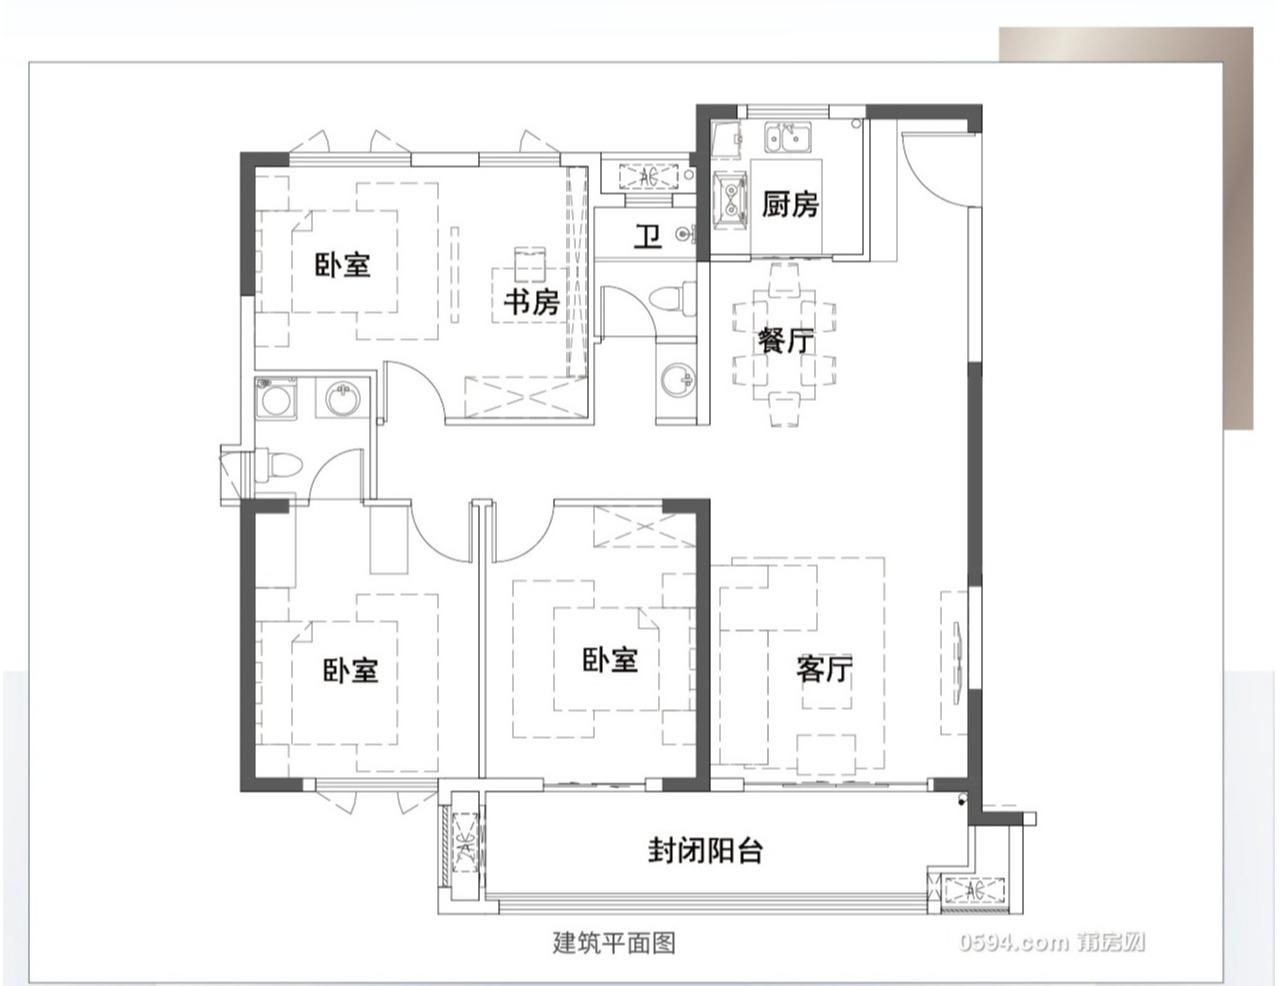 139.54㎡4房2厅2卫